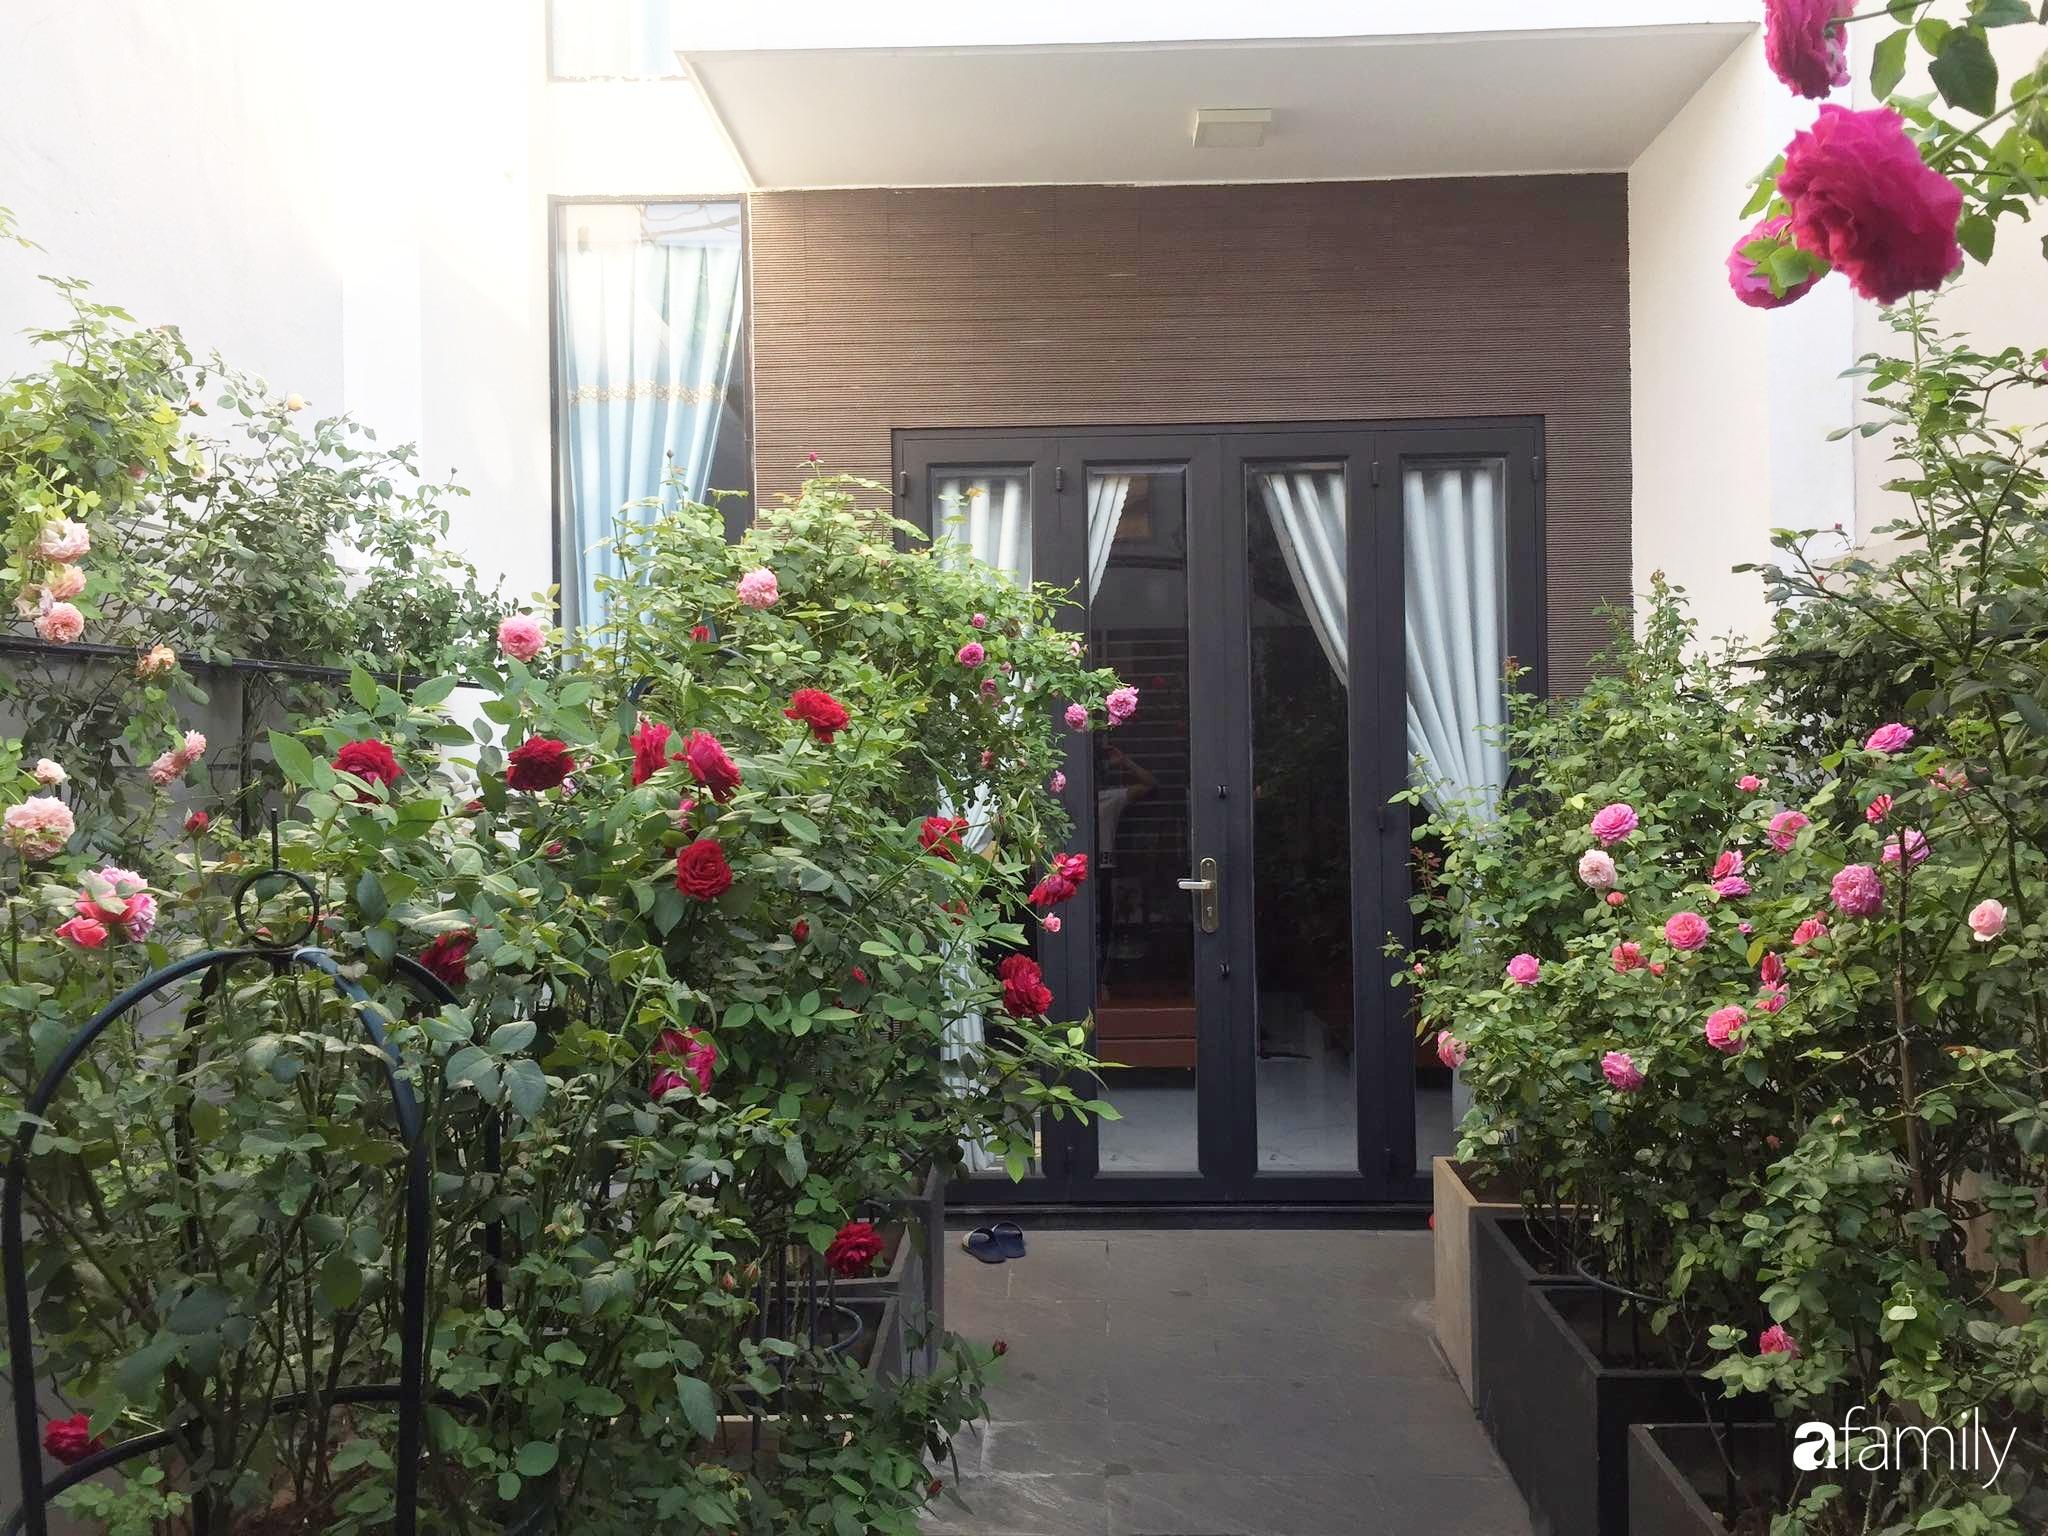 Lối nhỏ vào nhà níu chân bởi những gốc hồng xanh mướt lá rực rỡ sắc hoa ở Sài Gòn - Ảnh 4.